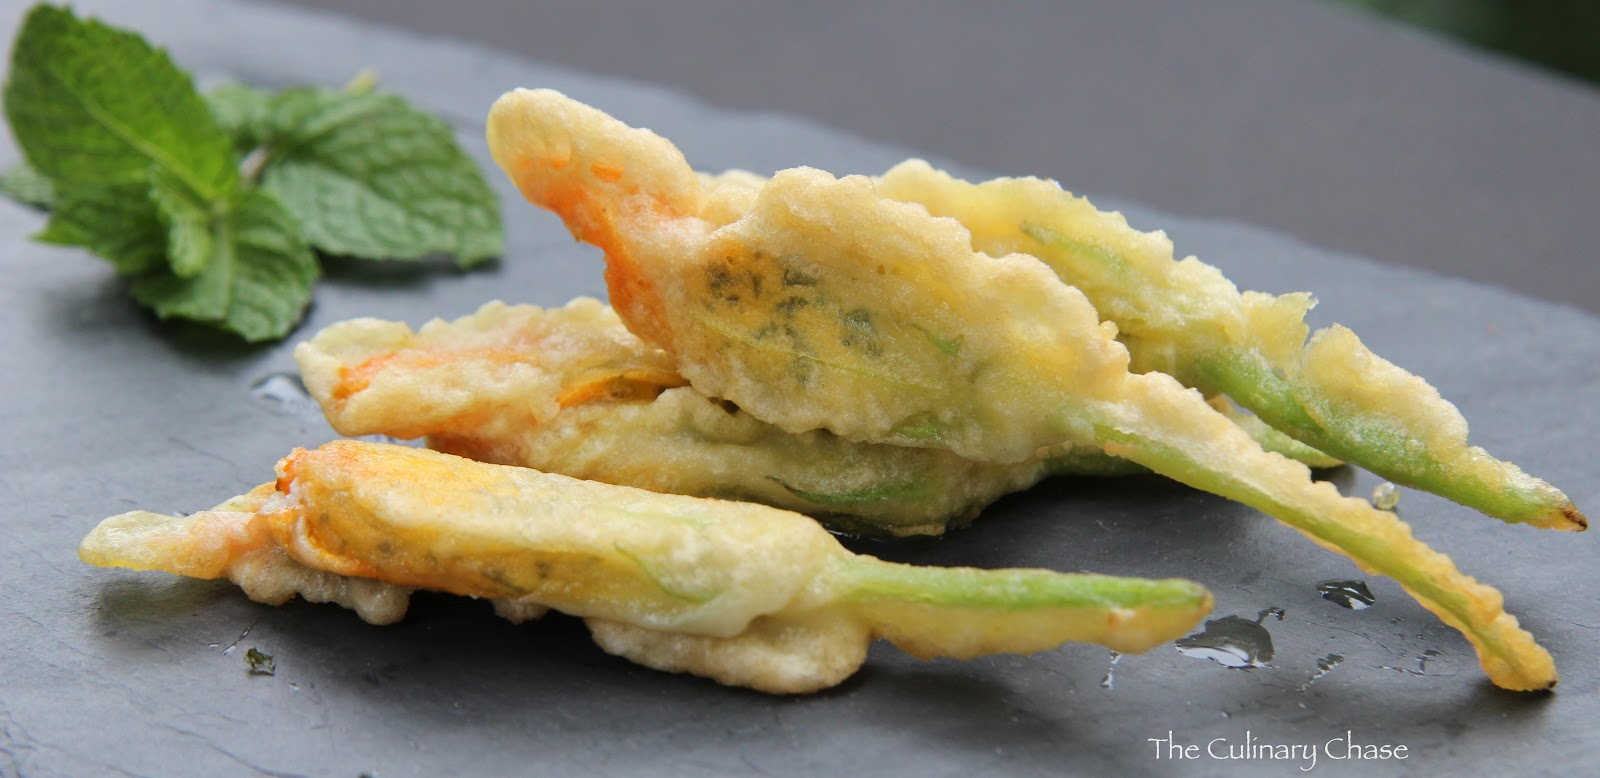 Stuffed Zucchini Flowers (Fiori di Zucca Ripieni) - The Culinary Chase